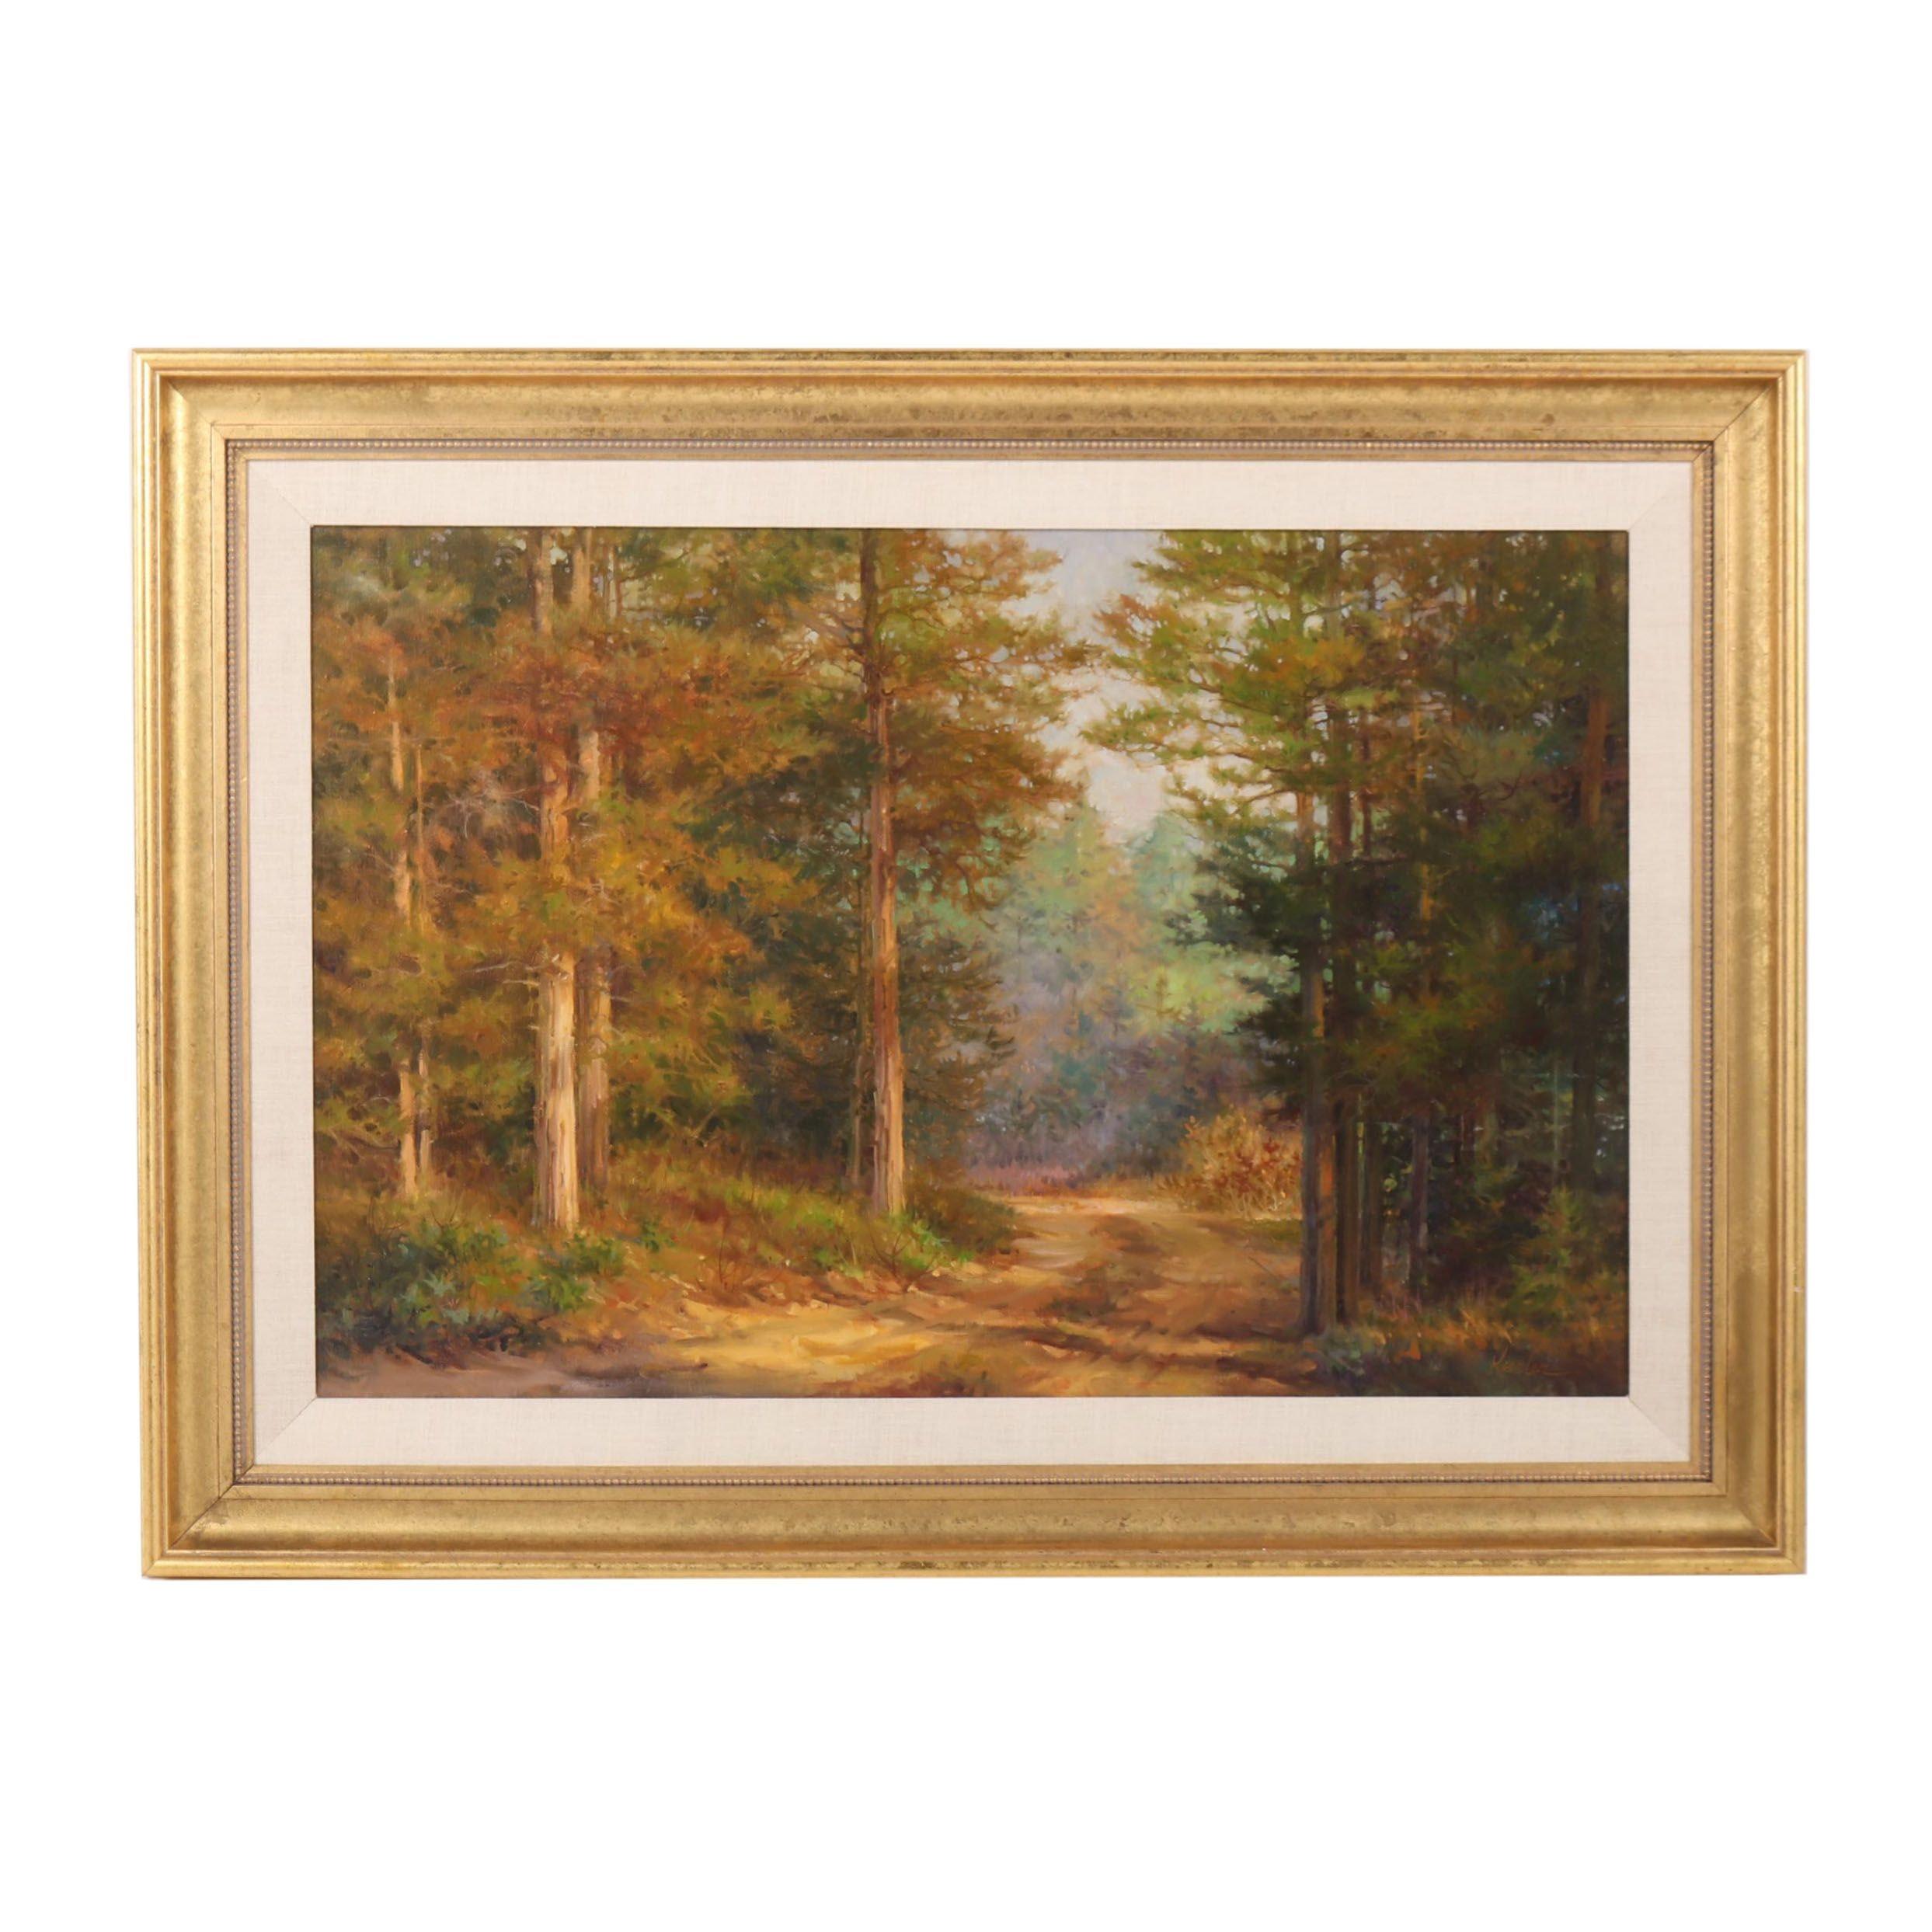 Margaret Kessler Landscape Oil Painting, 20th Century